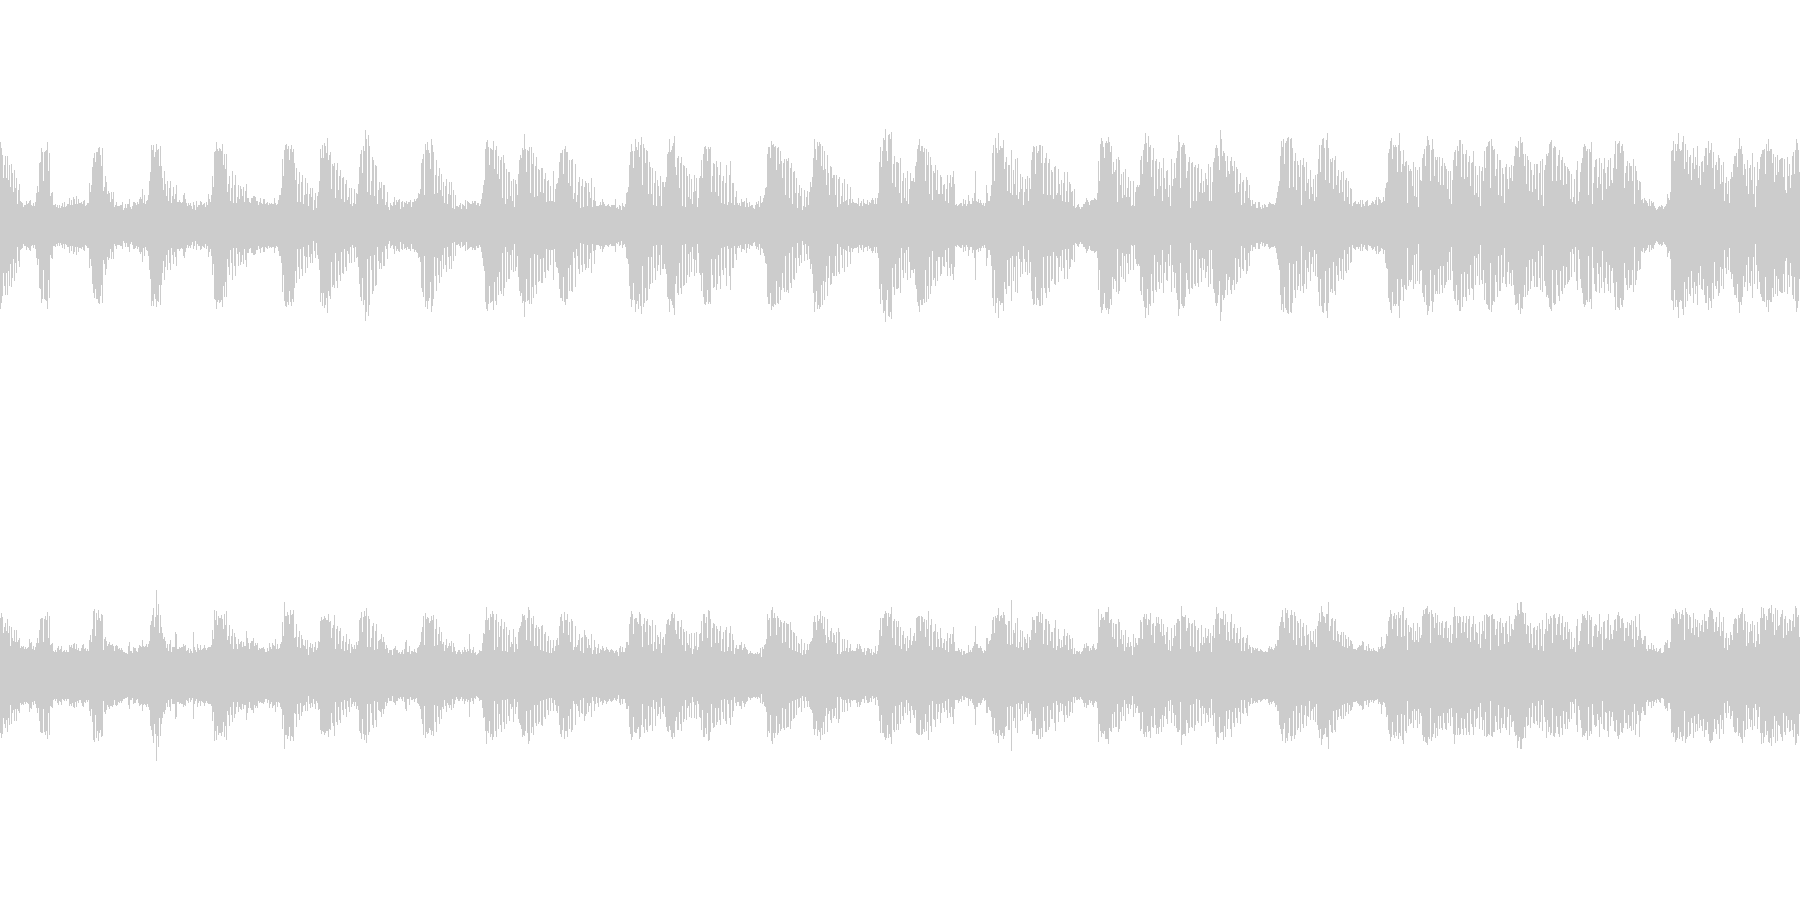 【環境音】虫、鳥─秋の里山その3こおろぎの未再生の波形